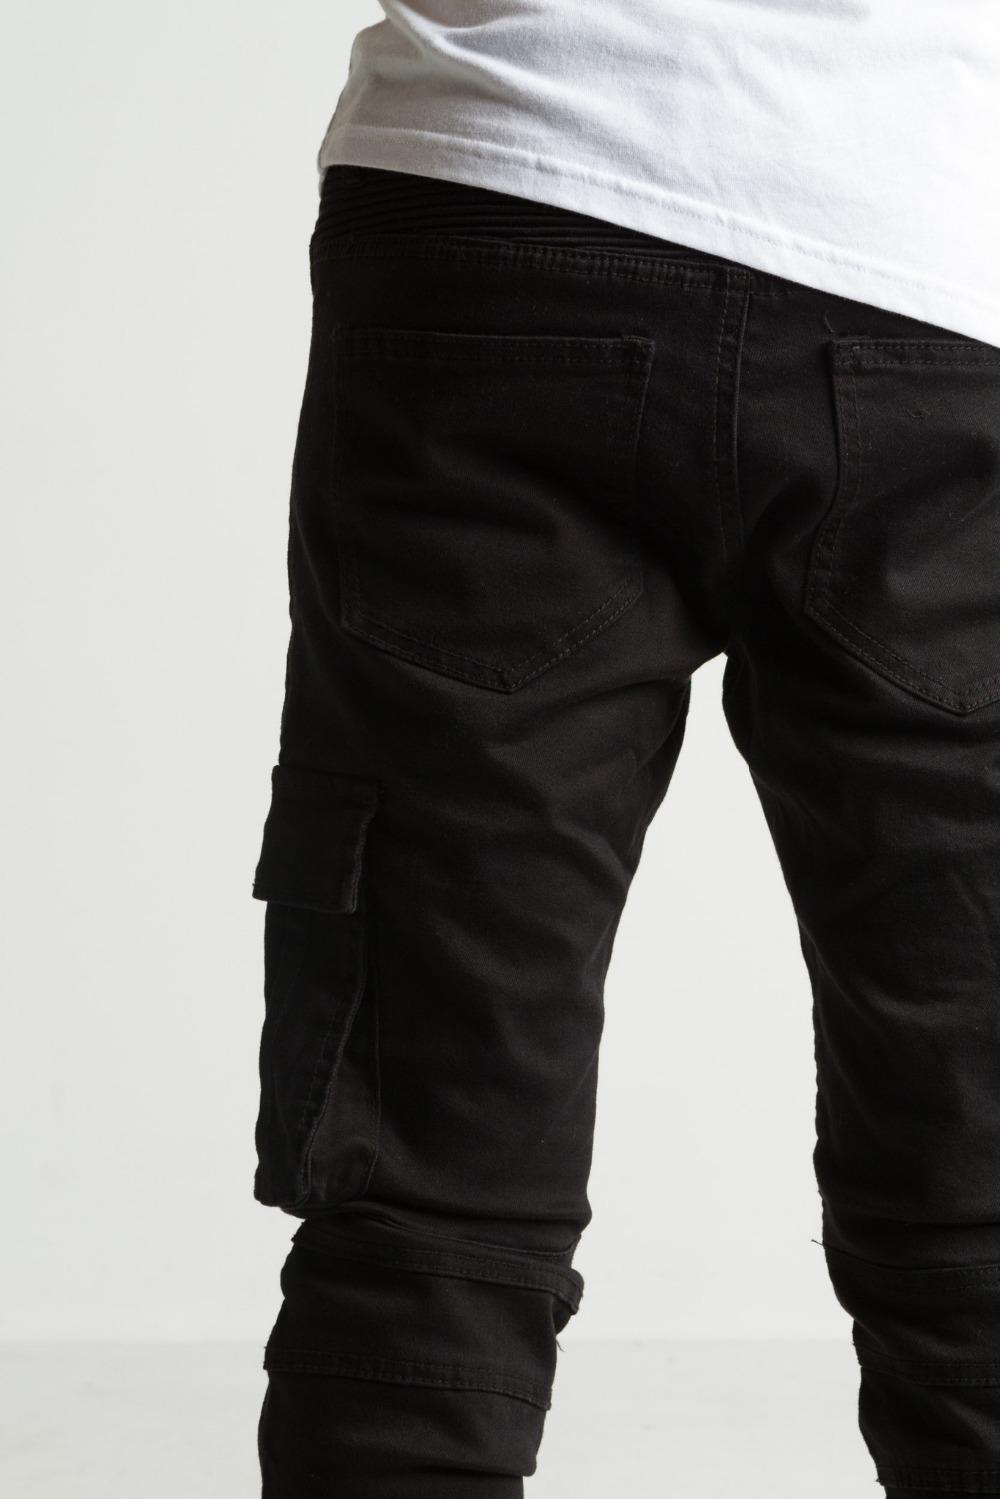 9487923b4f 2015 nuevo diseño negro cargo hombre biker Denim tirantes pantalones  vaqueros stock Hong Kong 232